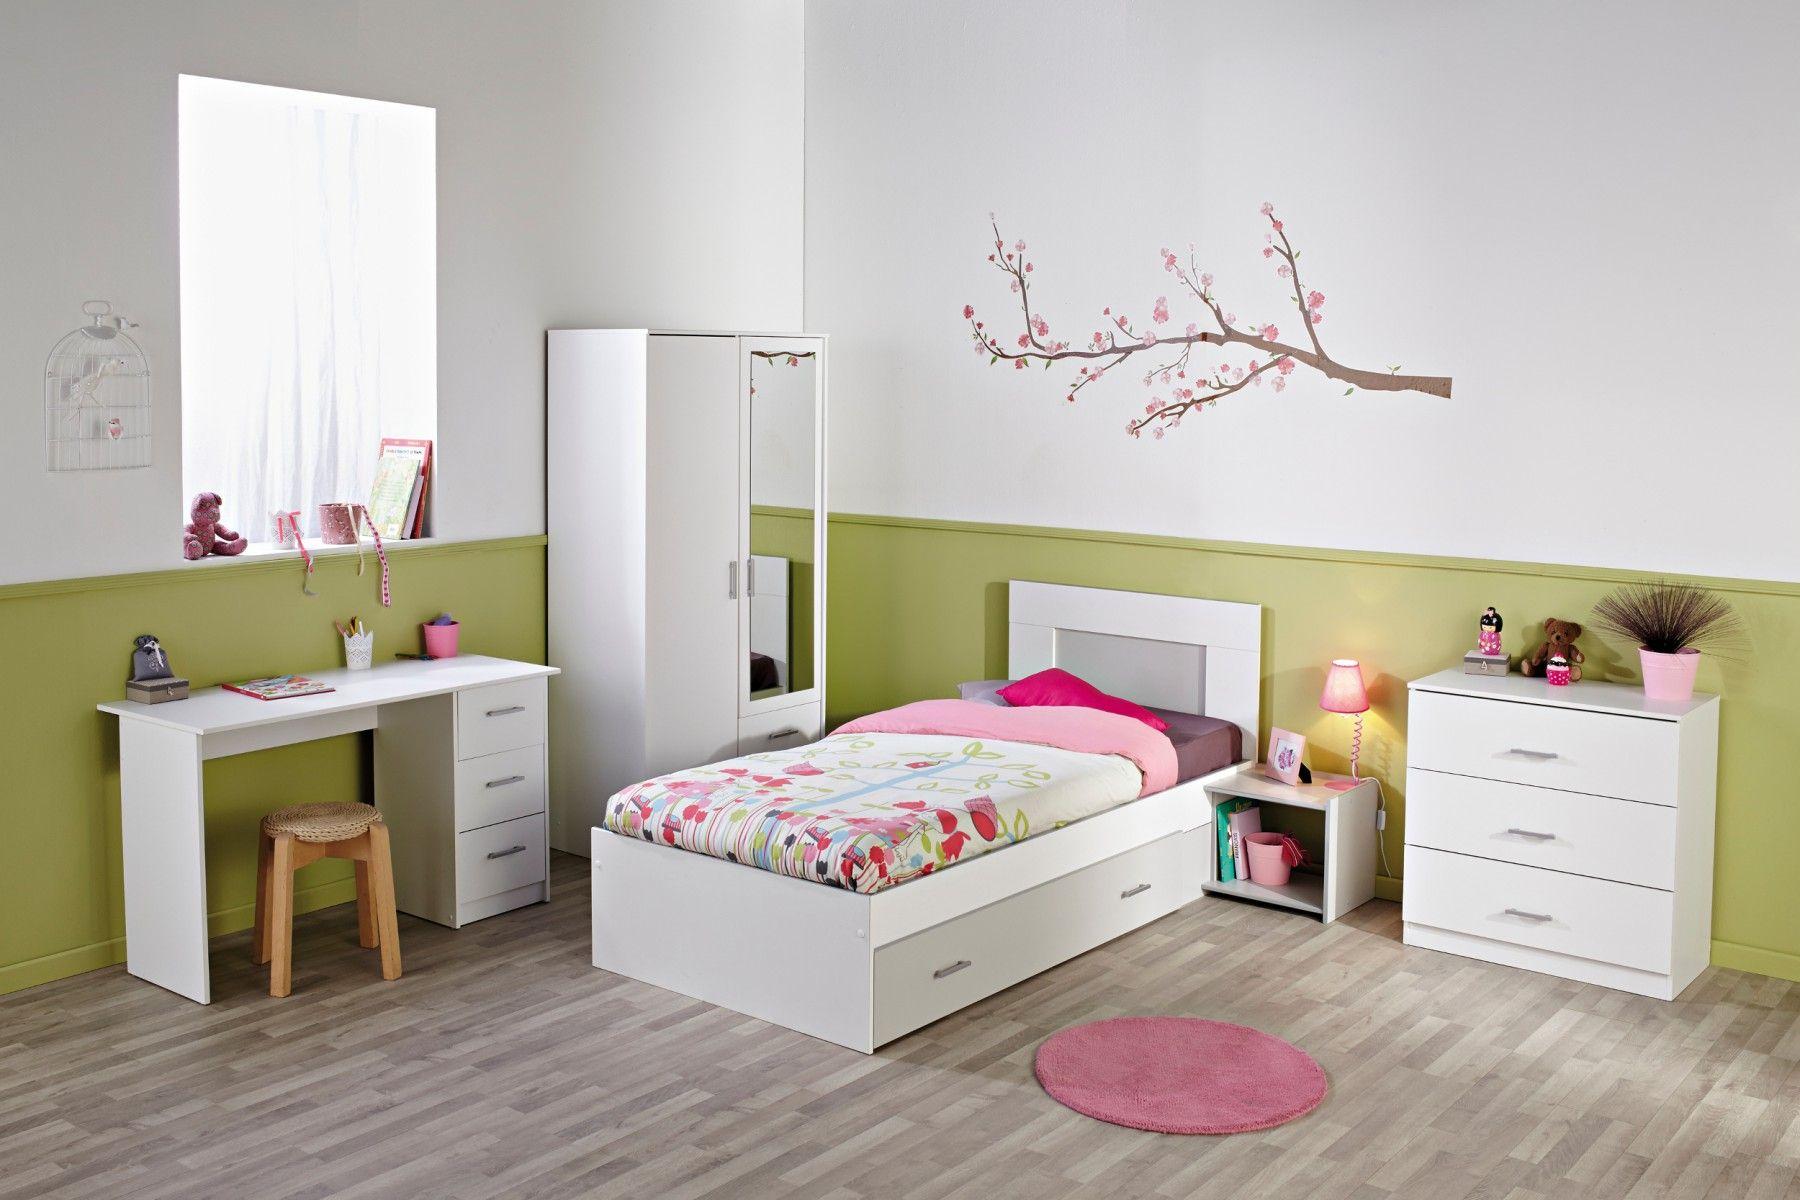 Déco chambre enfant Bois blanc et gris June. Chambre enfant ...